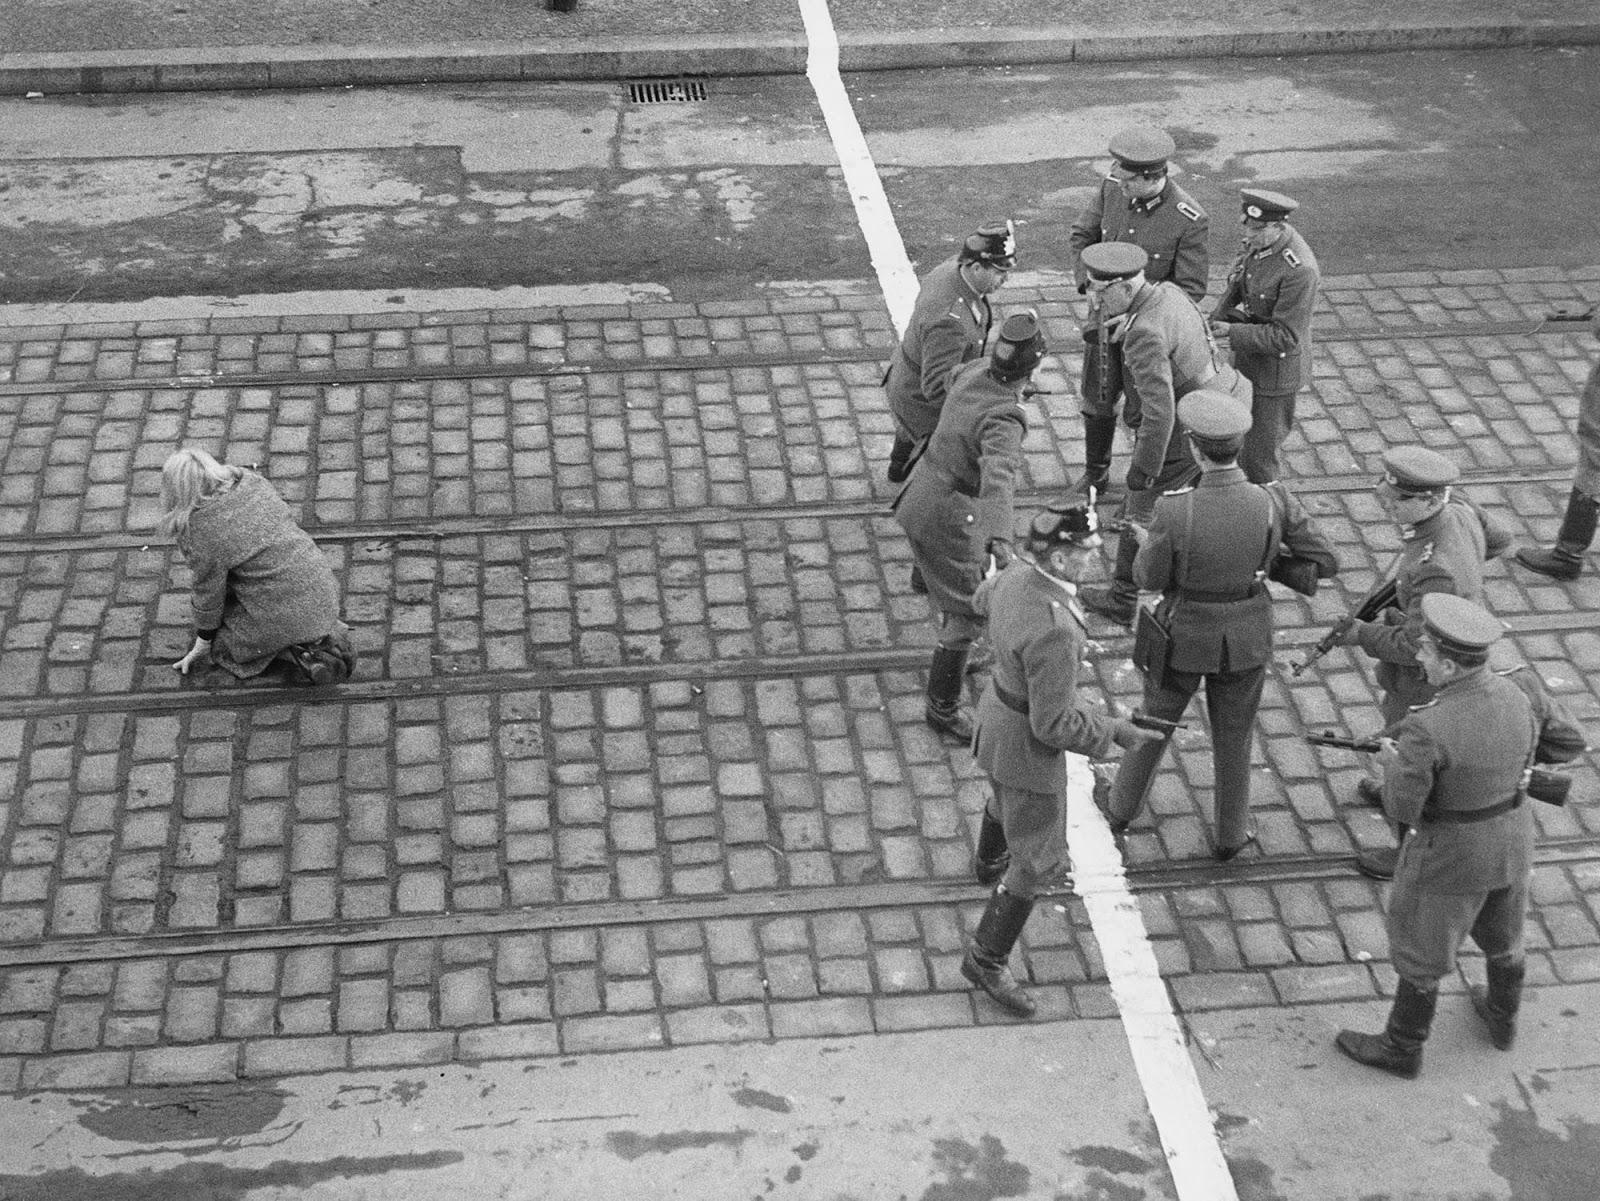 Μια γυναίκα έχει περάσει από το Ανατολικό στο Δυτικό Βερολίνο και ξεσπά διαμάχη μεταξύ των αστυνομικών. Πώς ένας κάτοικος της ανατολικής πλευράς μπορούσε να επισκεφθεί την άλλη. Τι μαρτυρούν τα όπλα και οι στολές τους